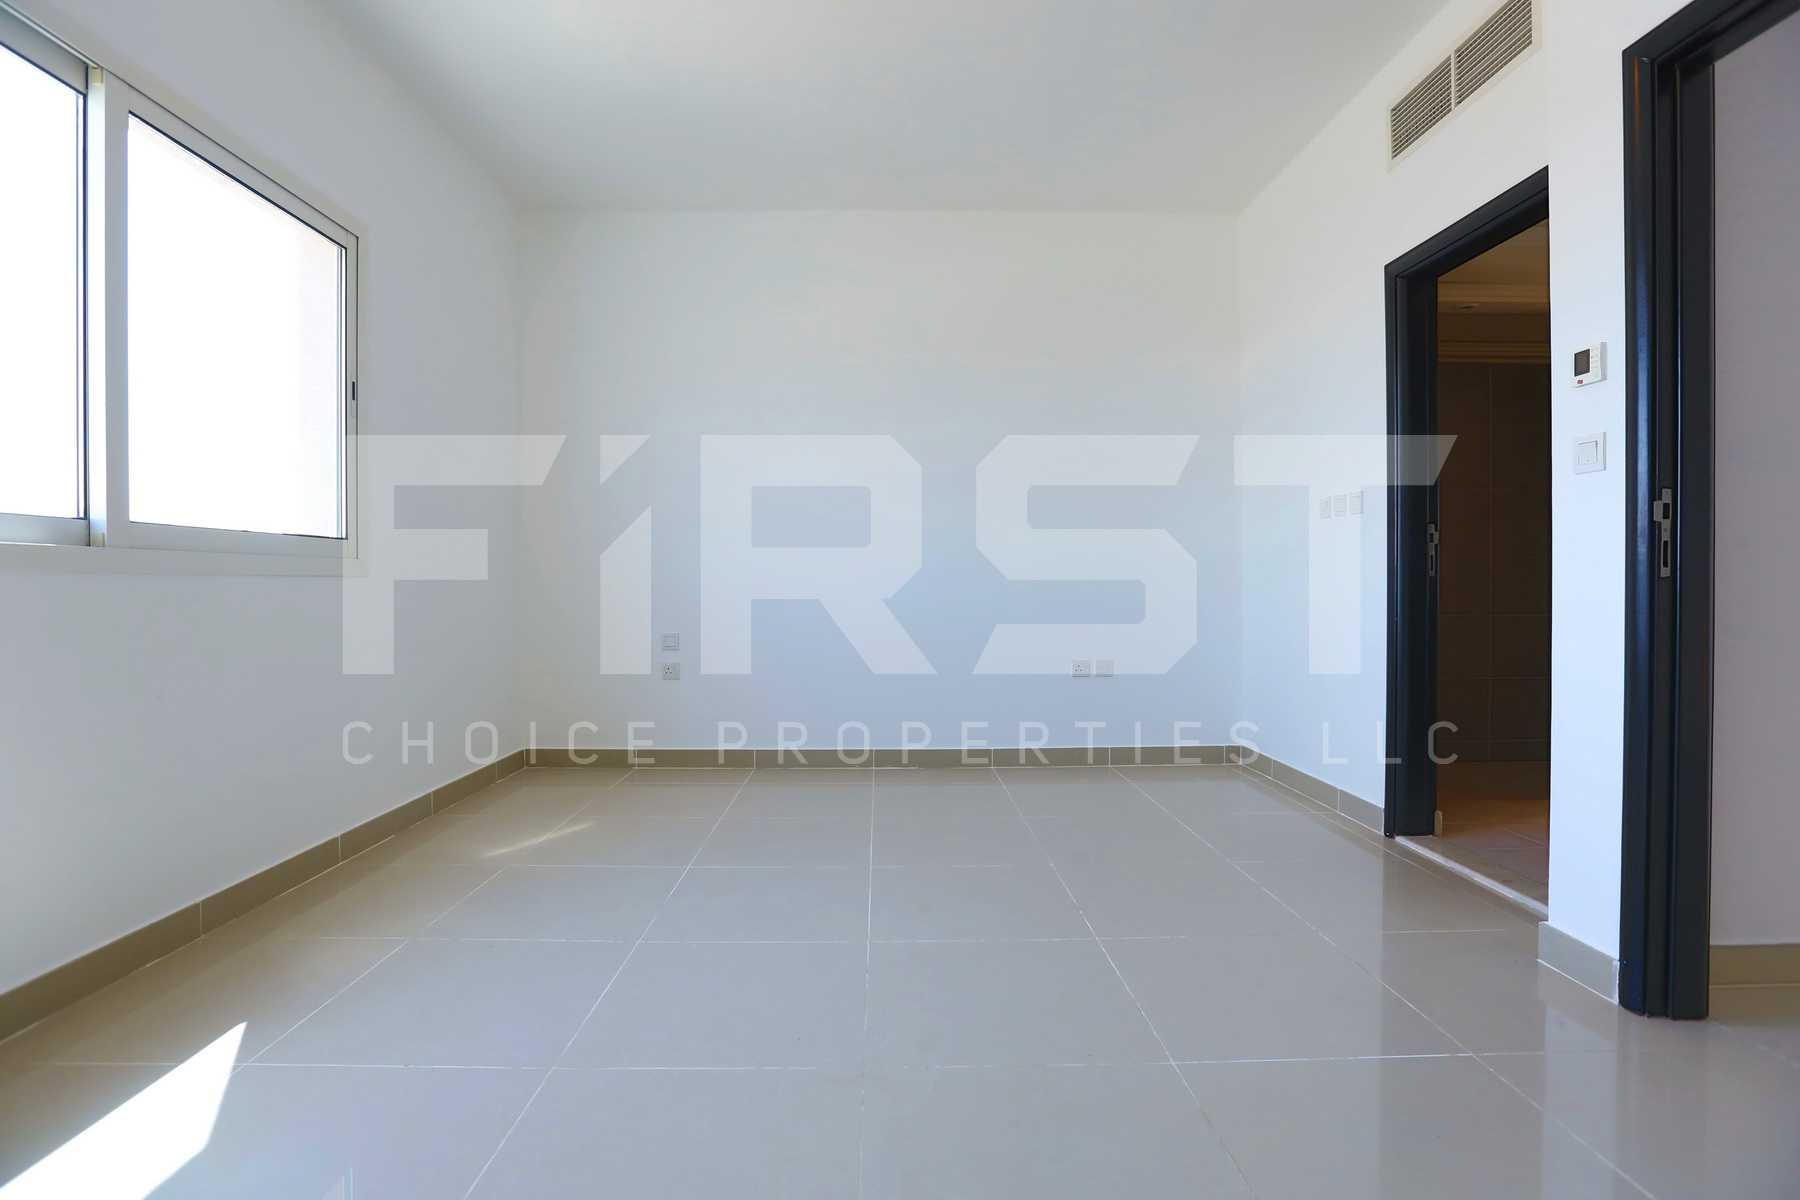 9. Internal Photo of 3 Bedroom Villa in Al Reef Villas Al Reef Abu Dhabi UAE 225.2 sq.m 2424 sq.ft (26).jpg